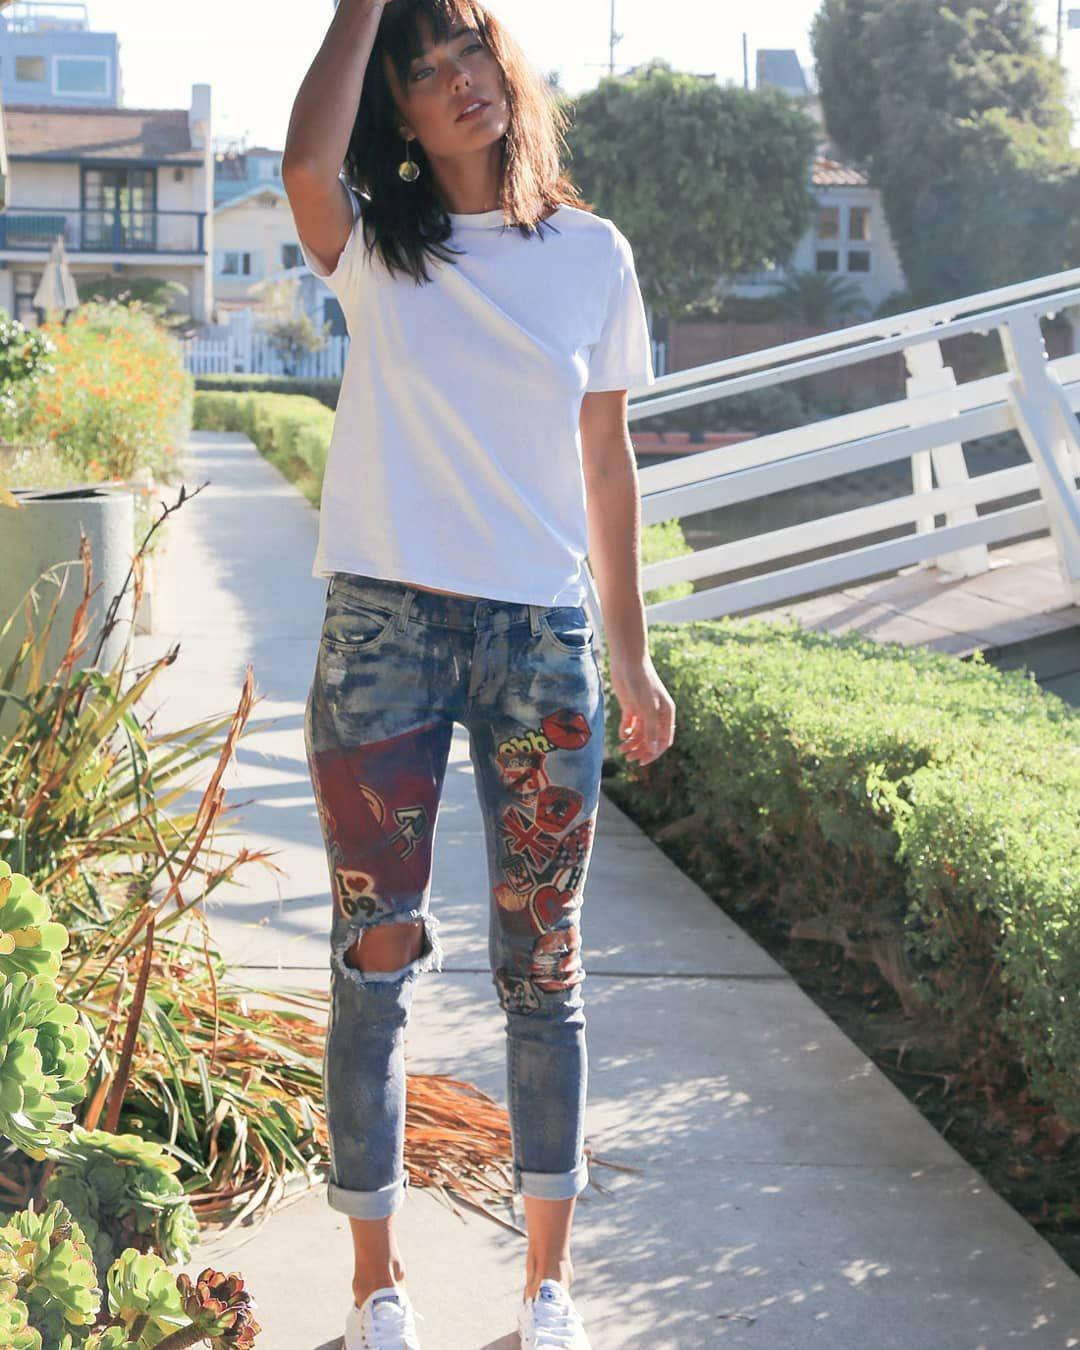 джинсы покрасили белую футболку